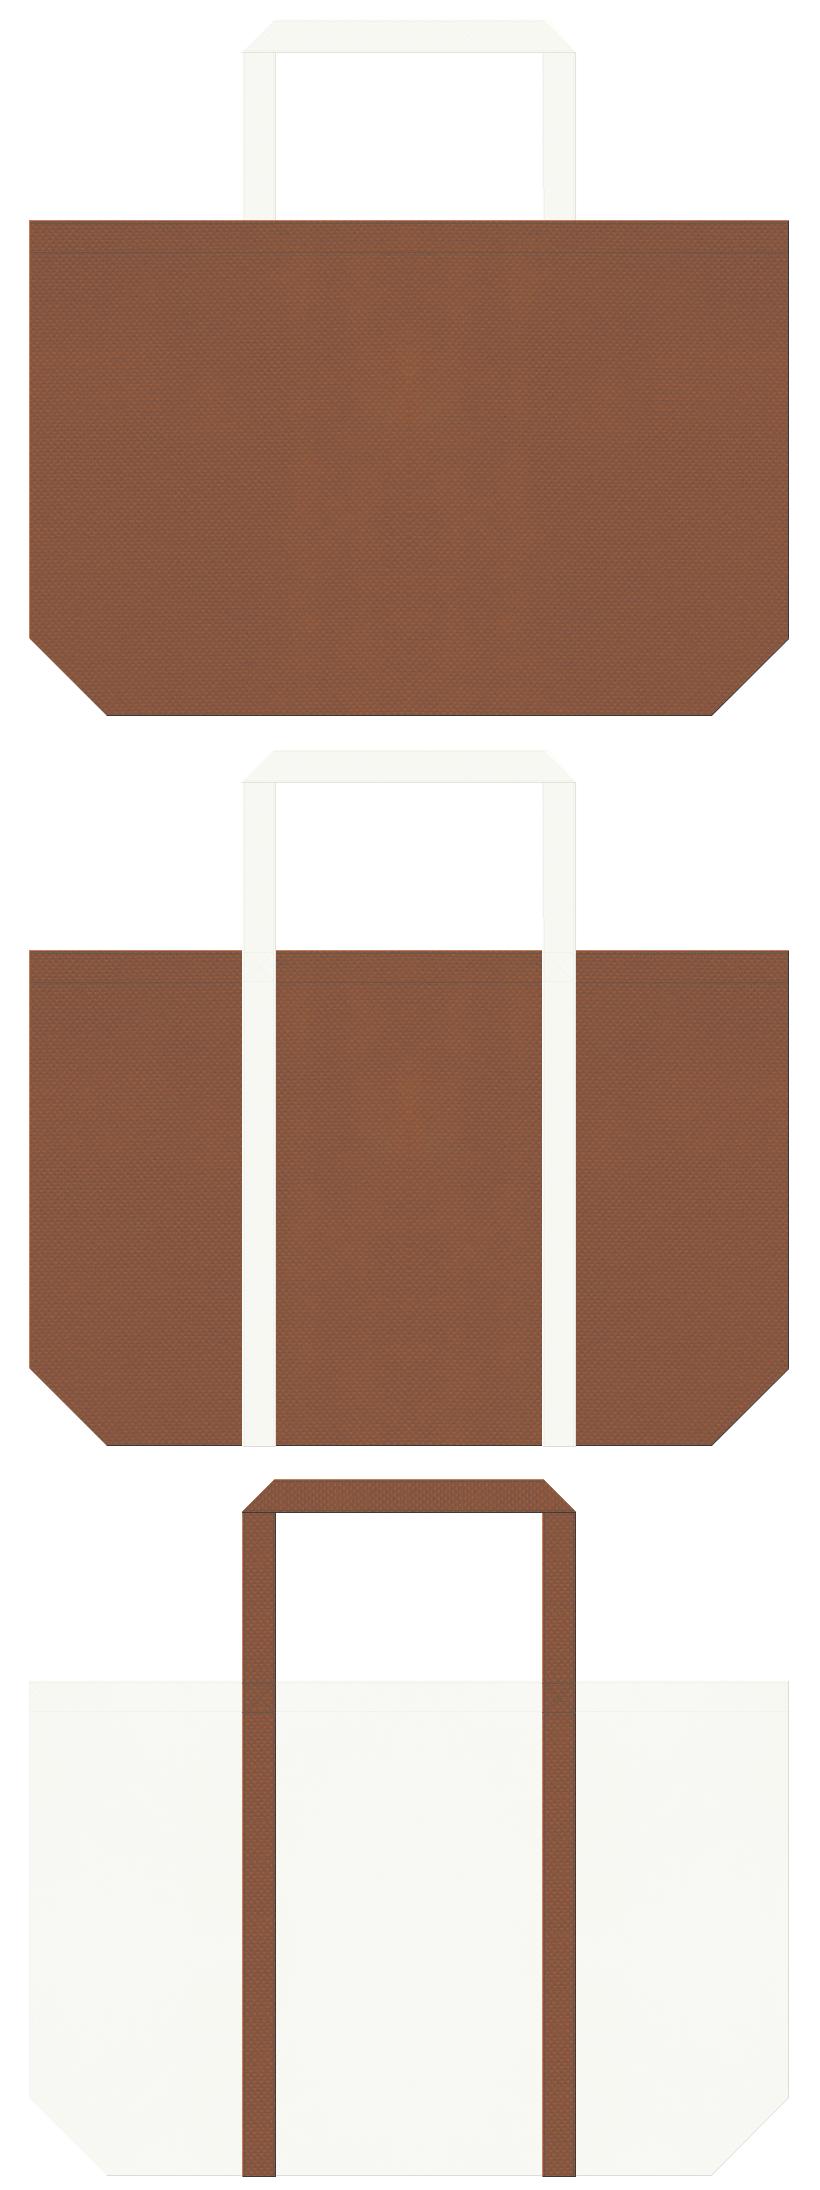 茶色とオフホワイト色の不織布バッグデザイン。コーヒー器具・ベーカリーショップのショッピングバッグにお奨めです。ココナツミルク風の配色です。